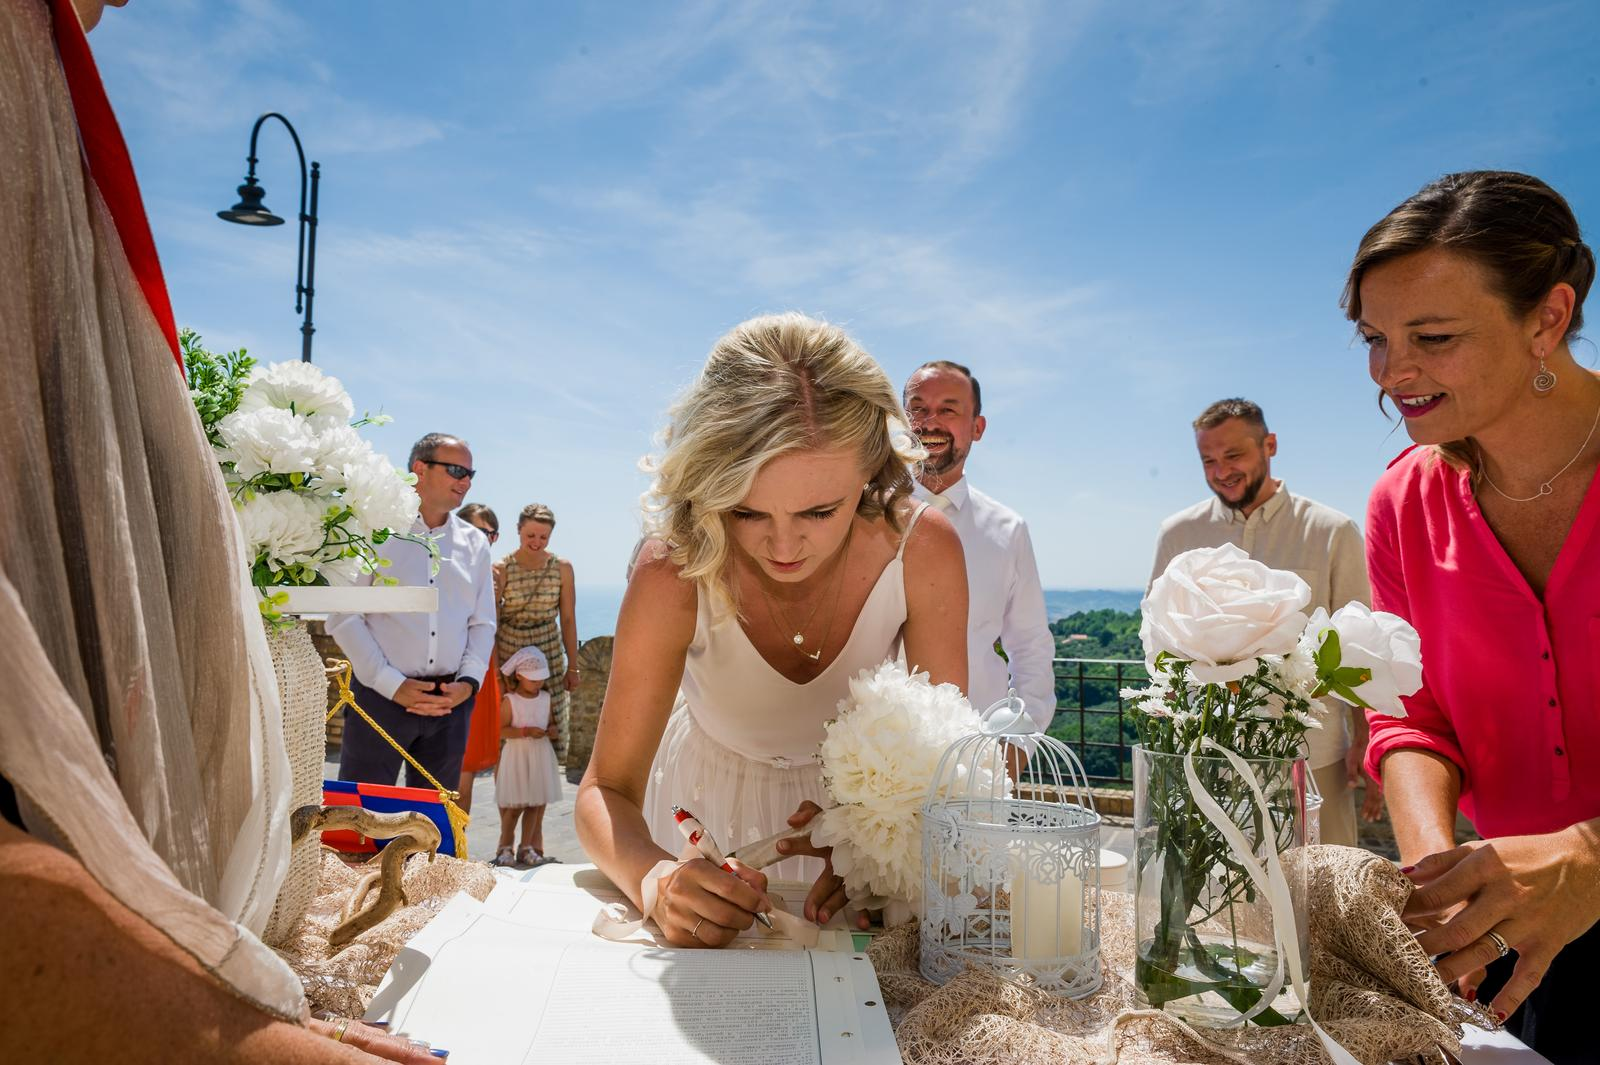 Svatby roku 2019 - Obrázek č. 17